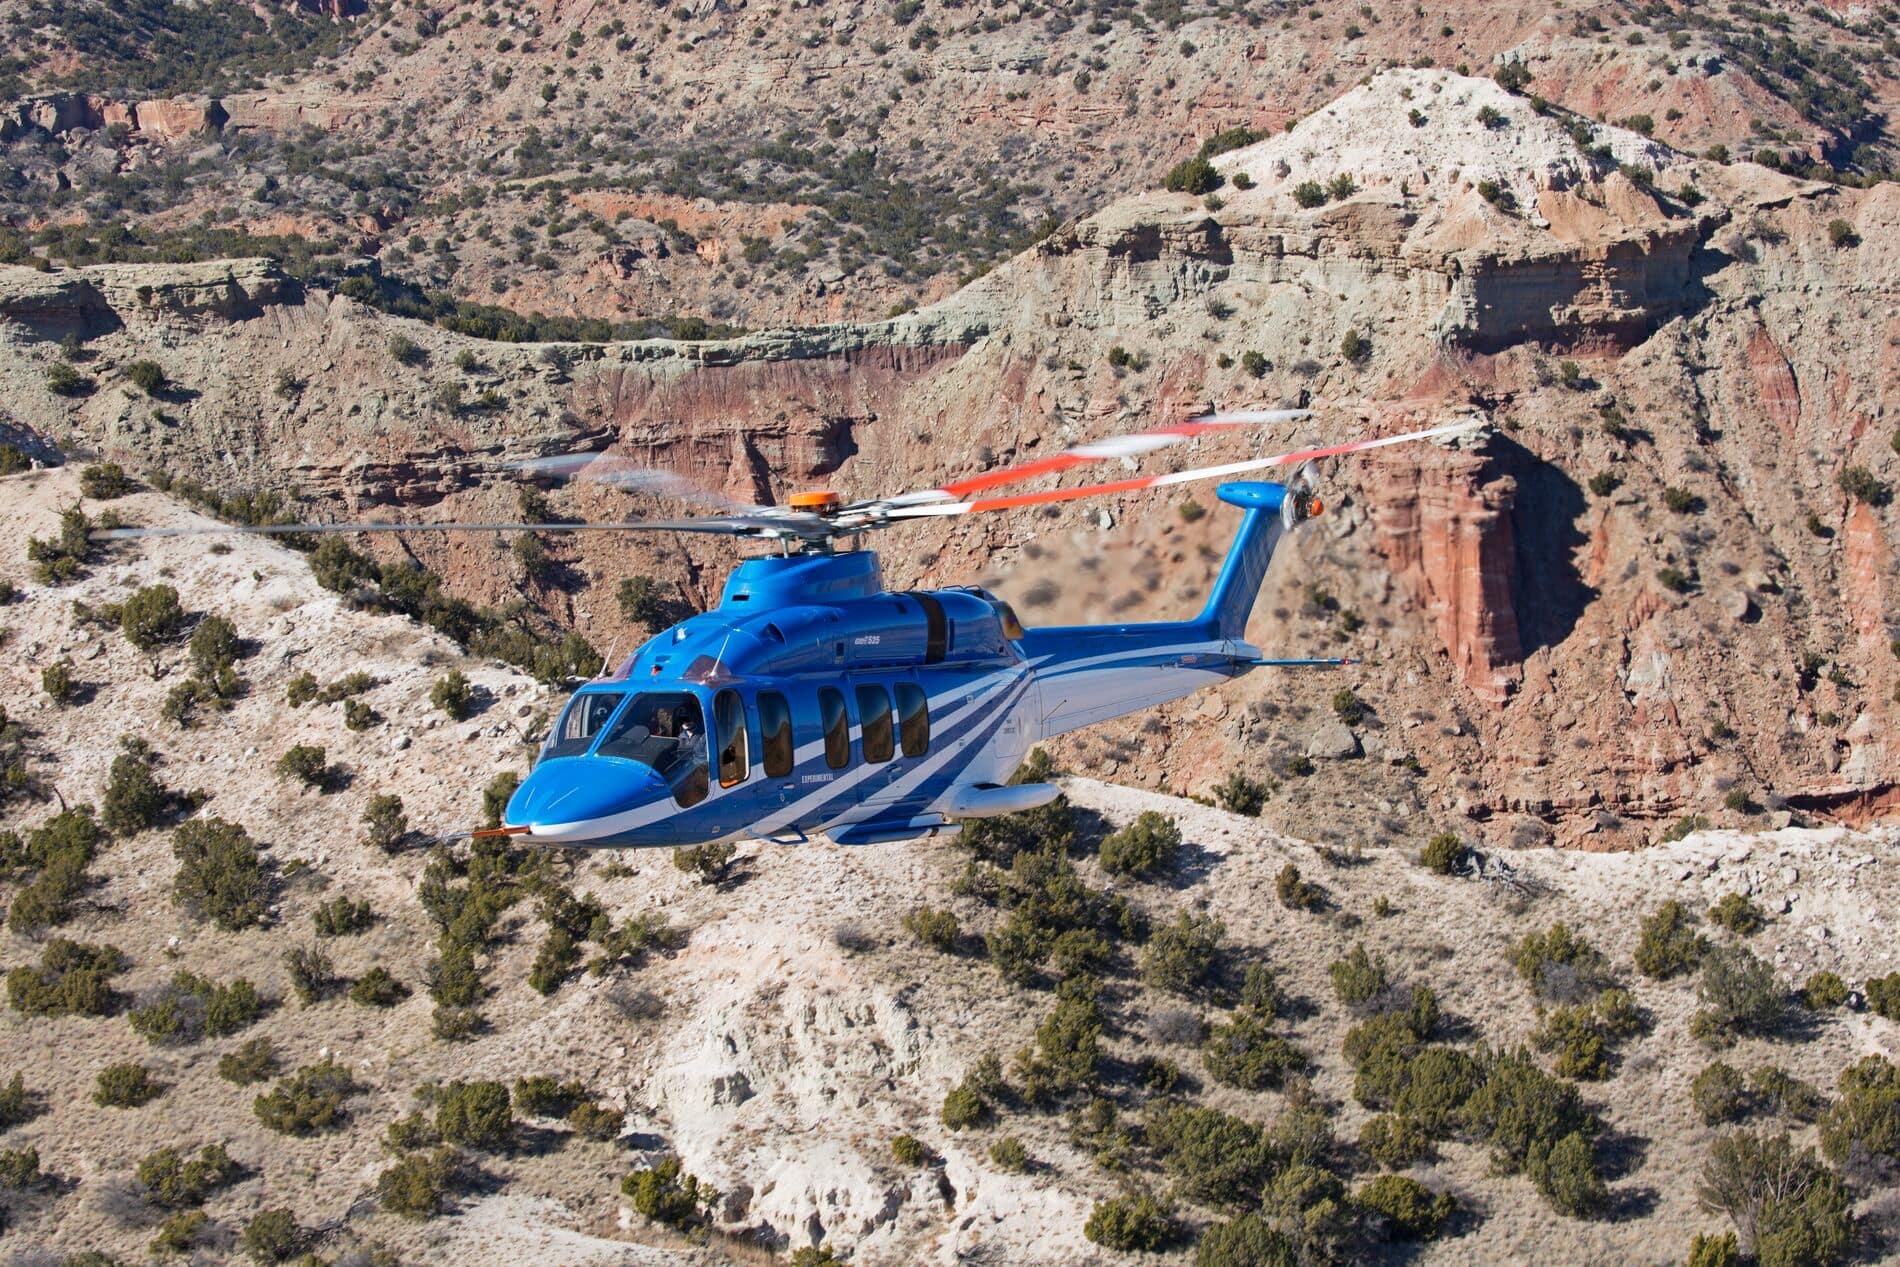 Bell 525 au dessus des montagnes désertiques 2 - Hero